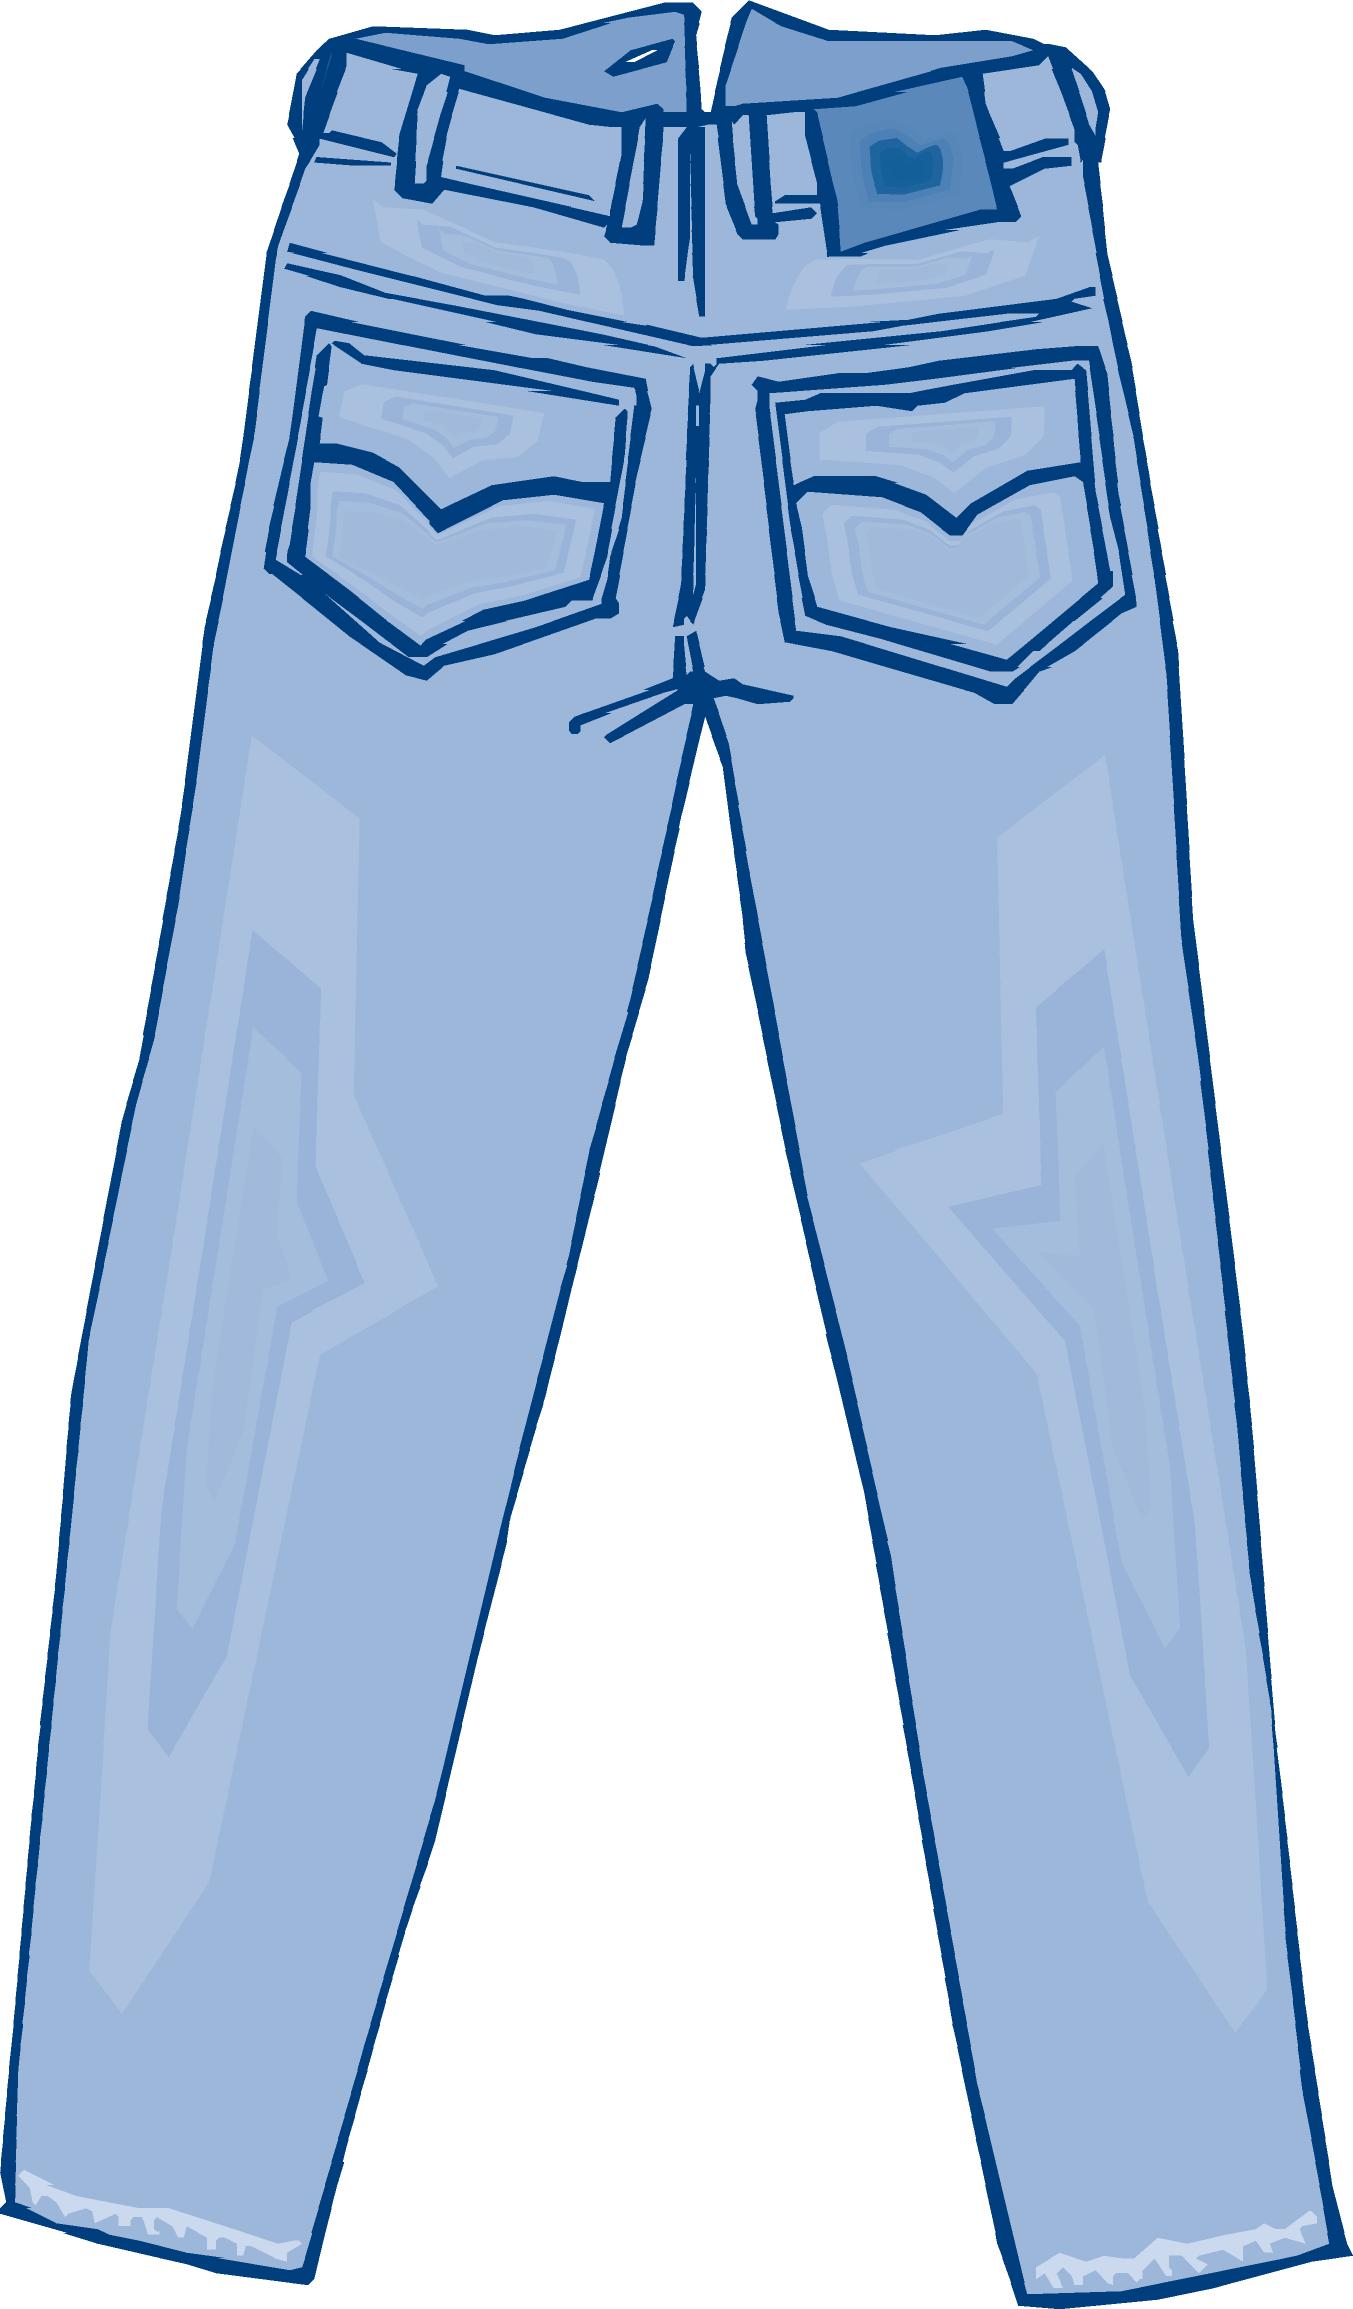 Blue jeans clip art.